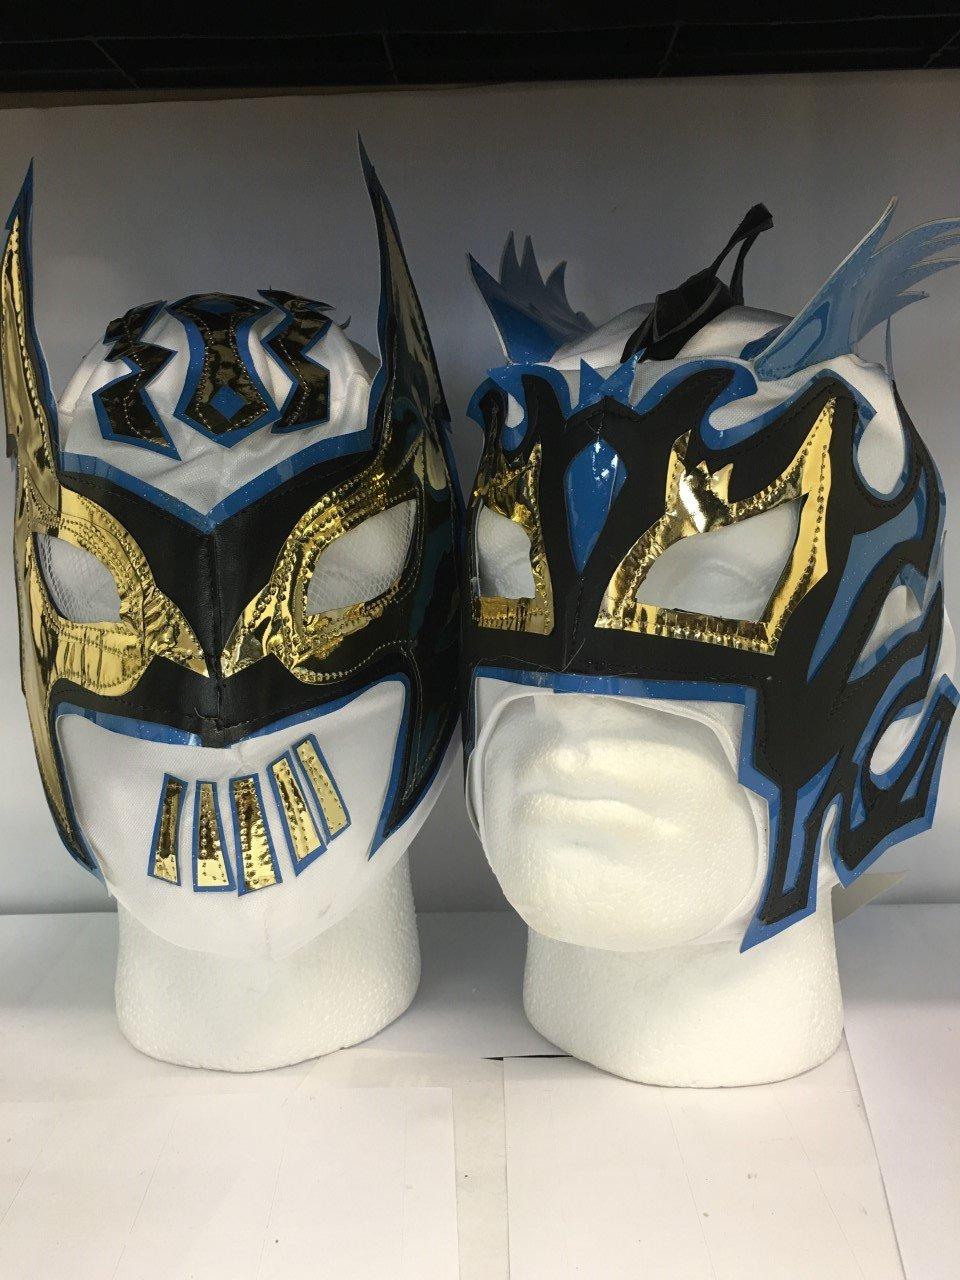 Blanc la Lucha Dragons à fermeture Éclair pour enfant Wrestling masques (les deux inclus) WRESTLING MASKS UK